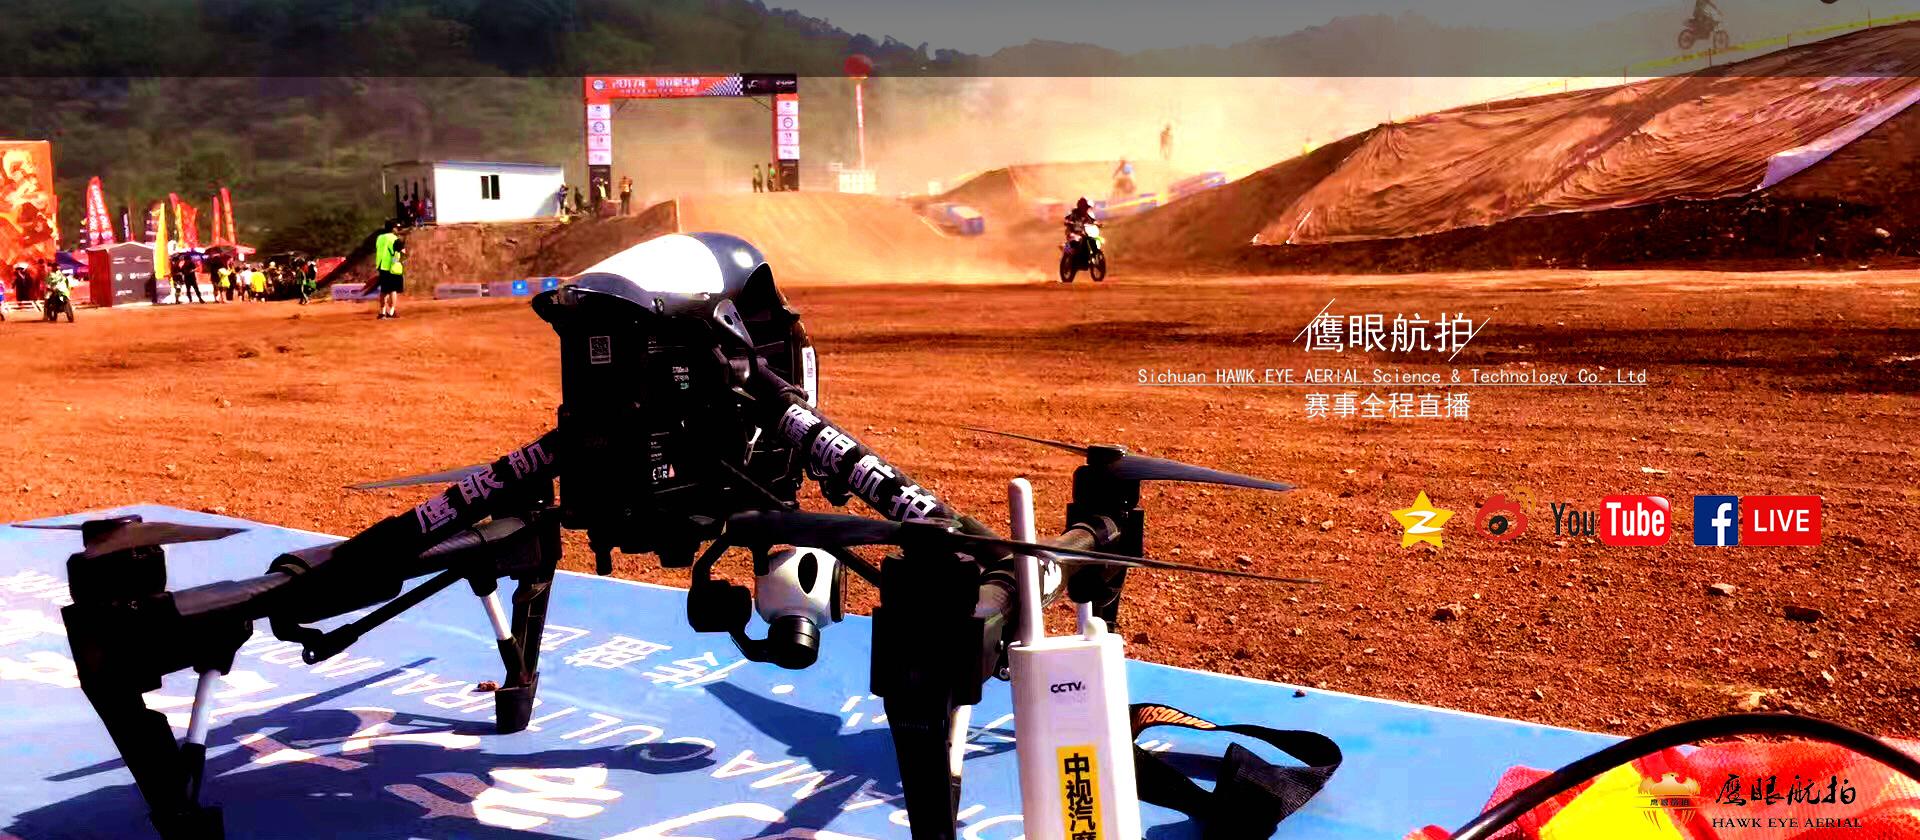 成都航拍公司,VR全景航拍,无人机航拍